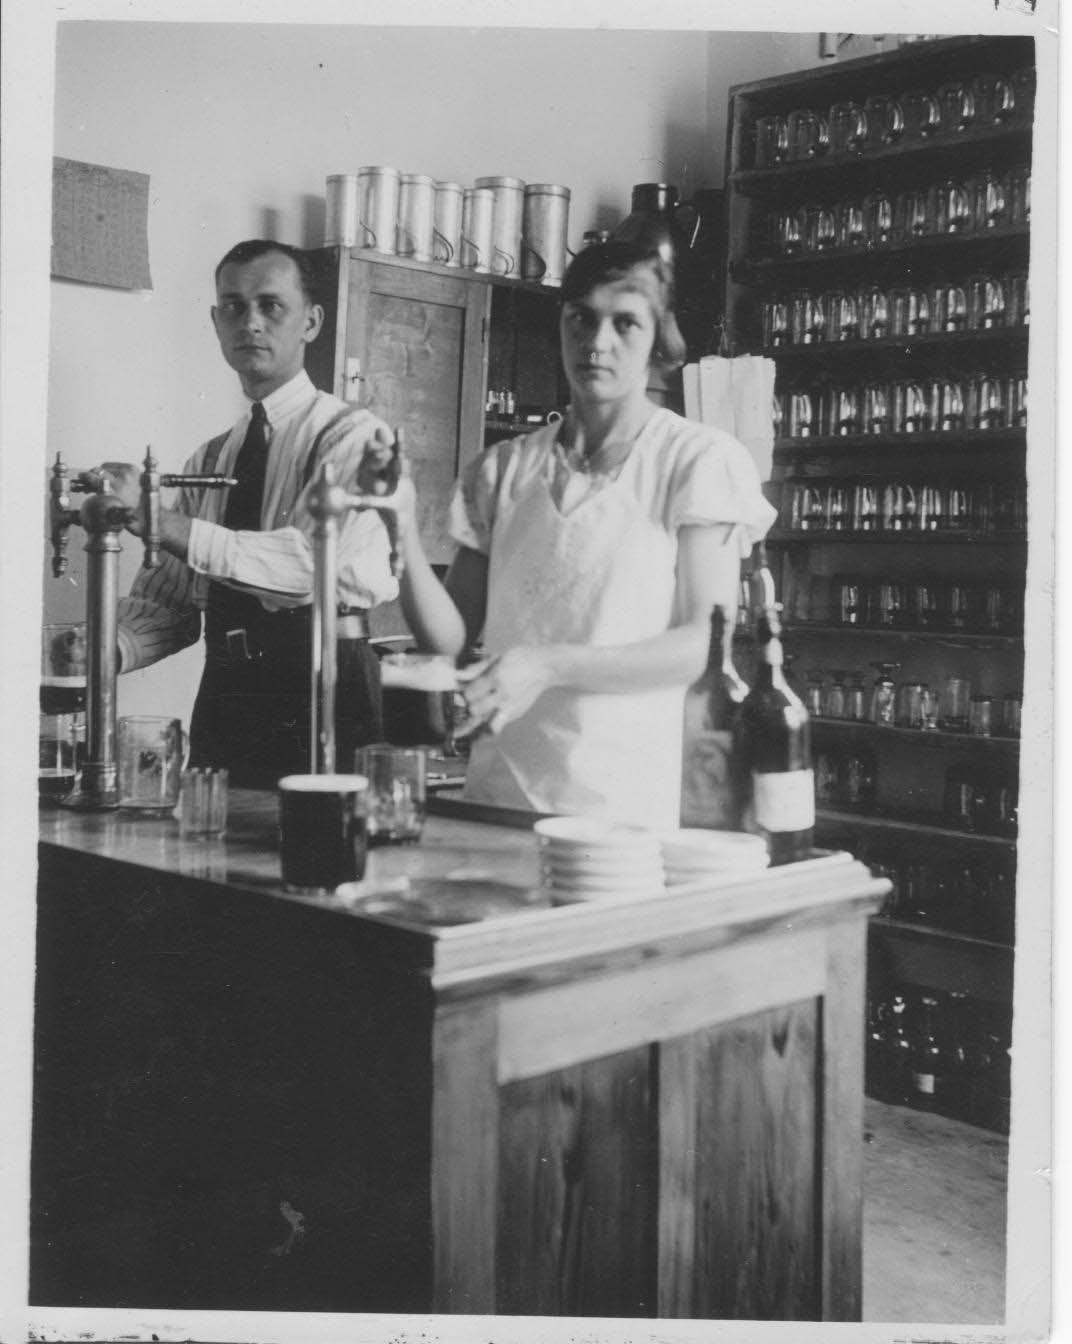 Prejzkovi ve výčepu 1935